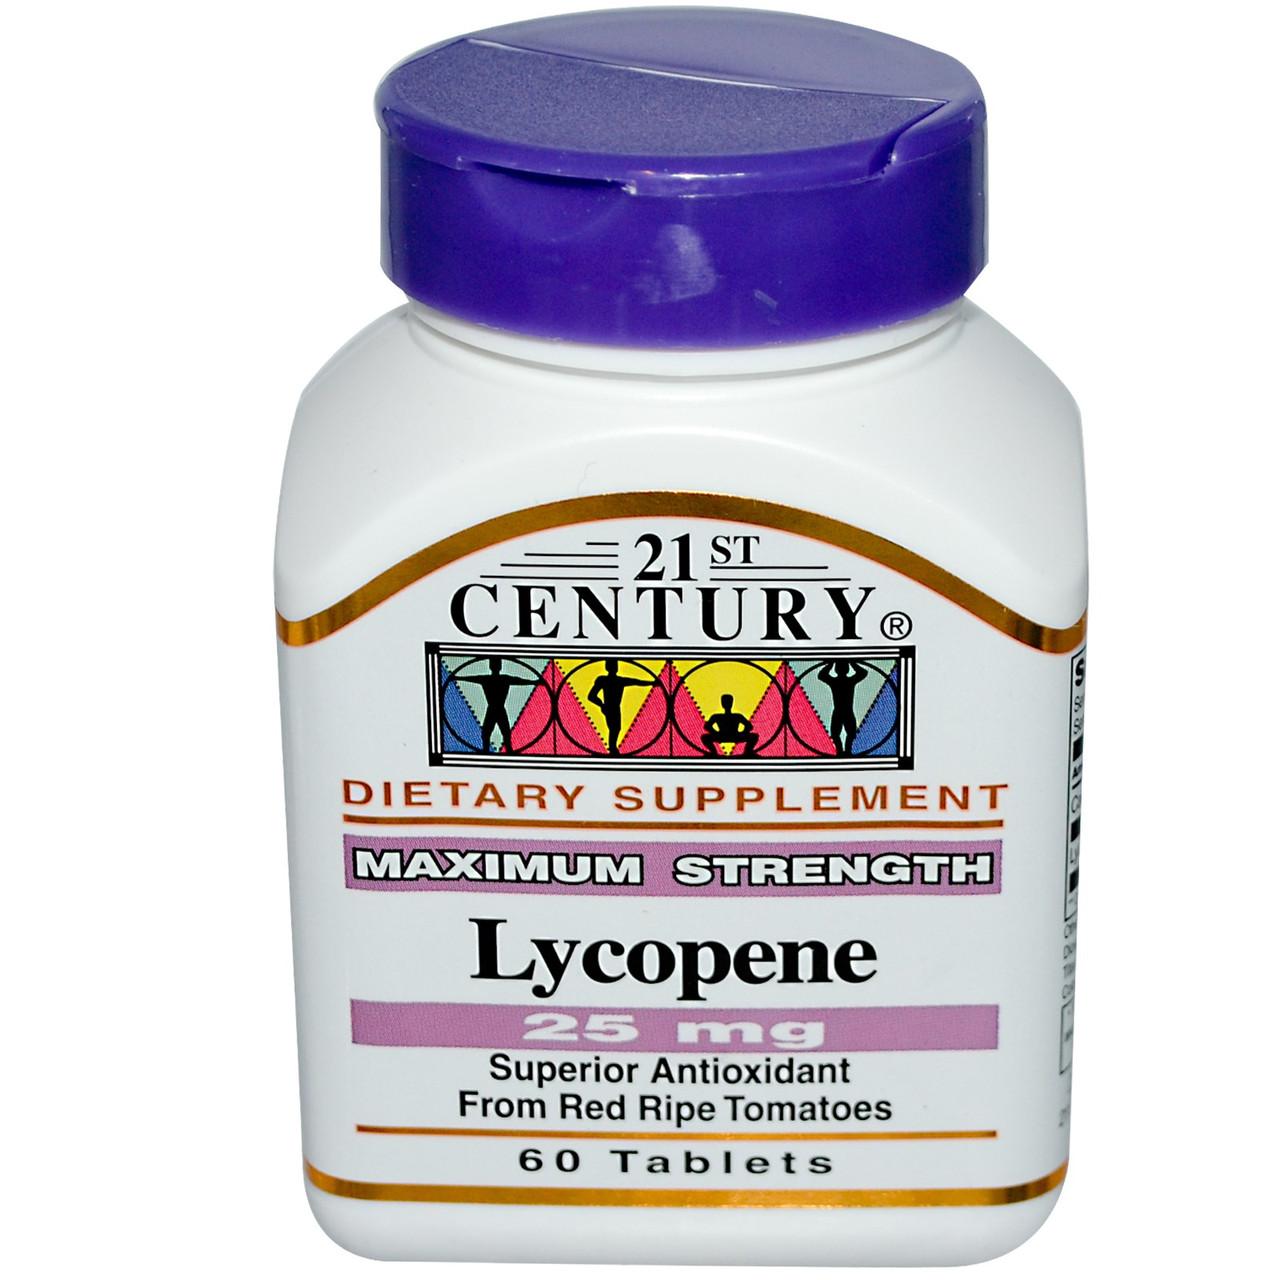 Ликопин, максимальная сила, 21st Century. Сделано в США. 25 мг, 60 таблеток